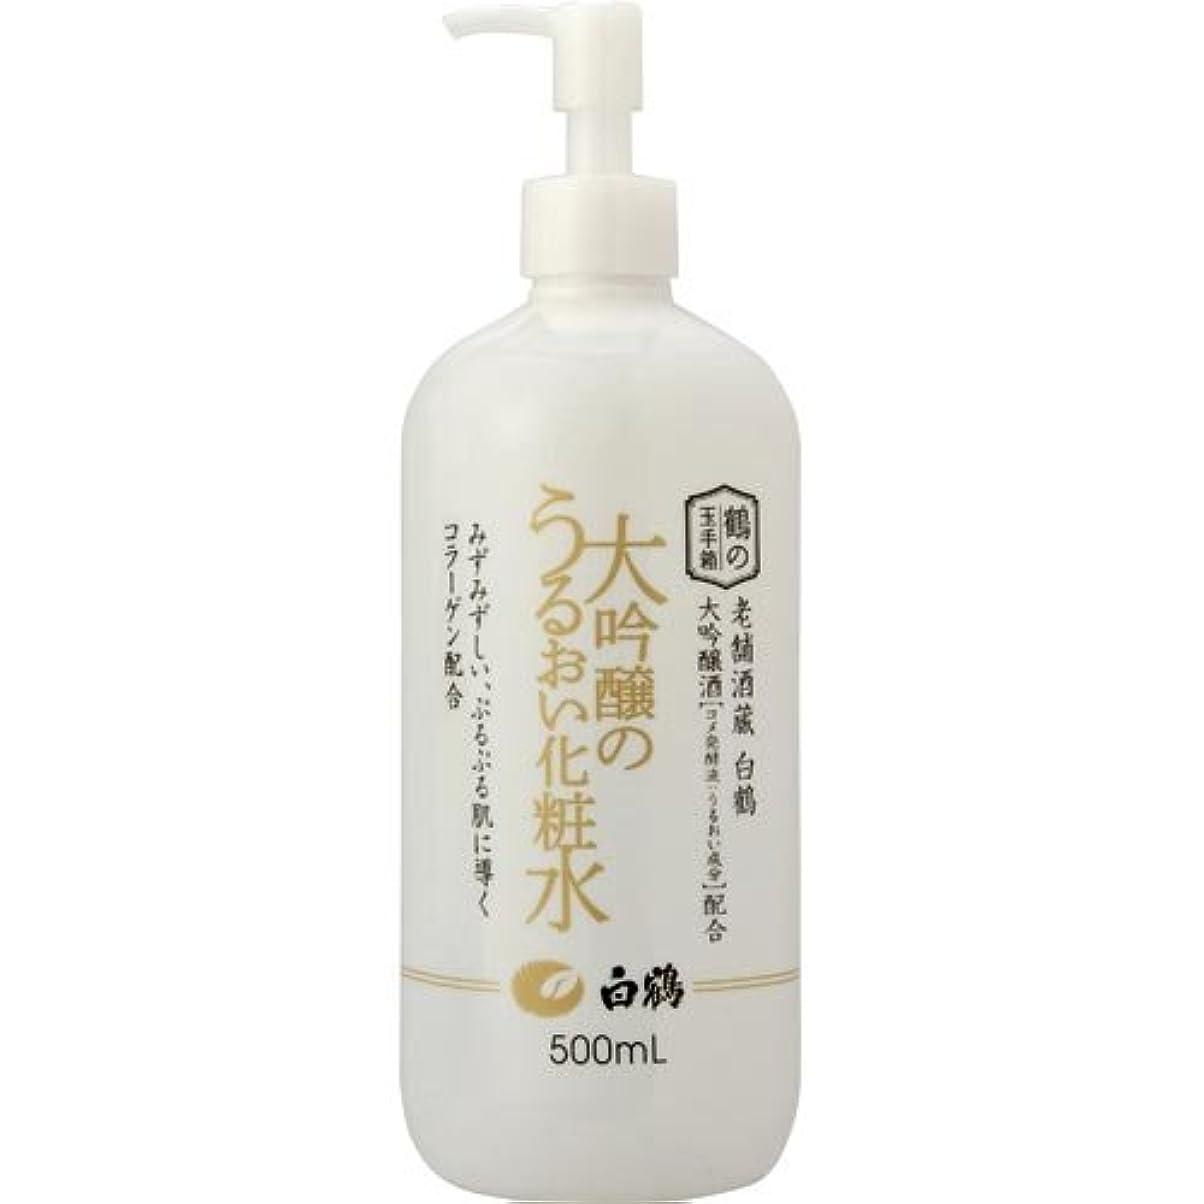 うまれたとティーム構築する白鶴 鶴の玉手箱 薬用 大吟醸のうるおい化粧水 500ml